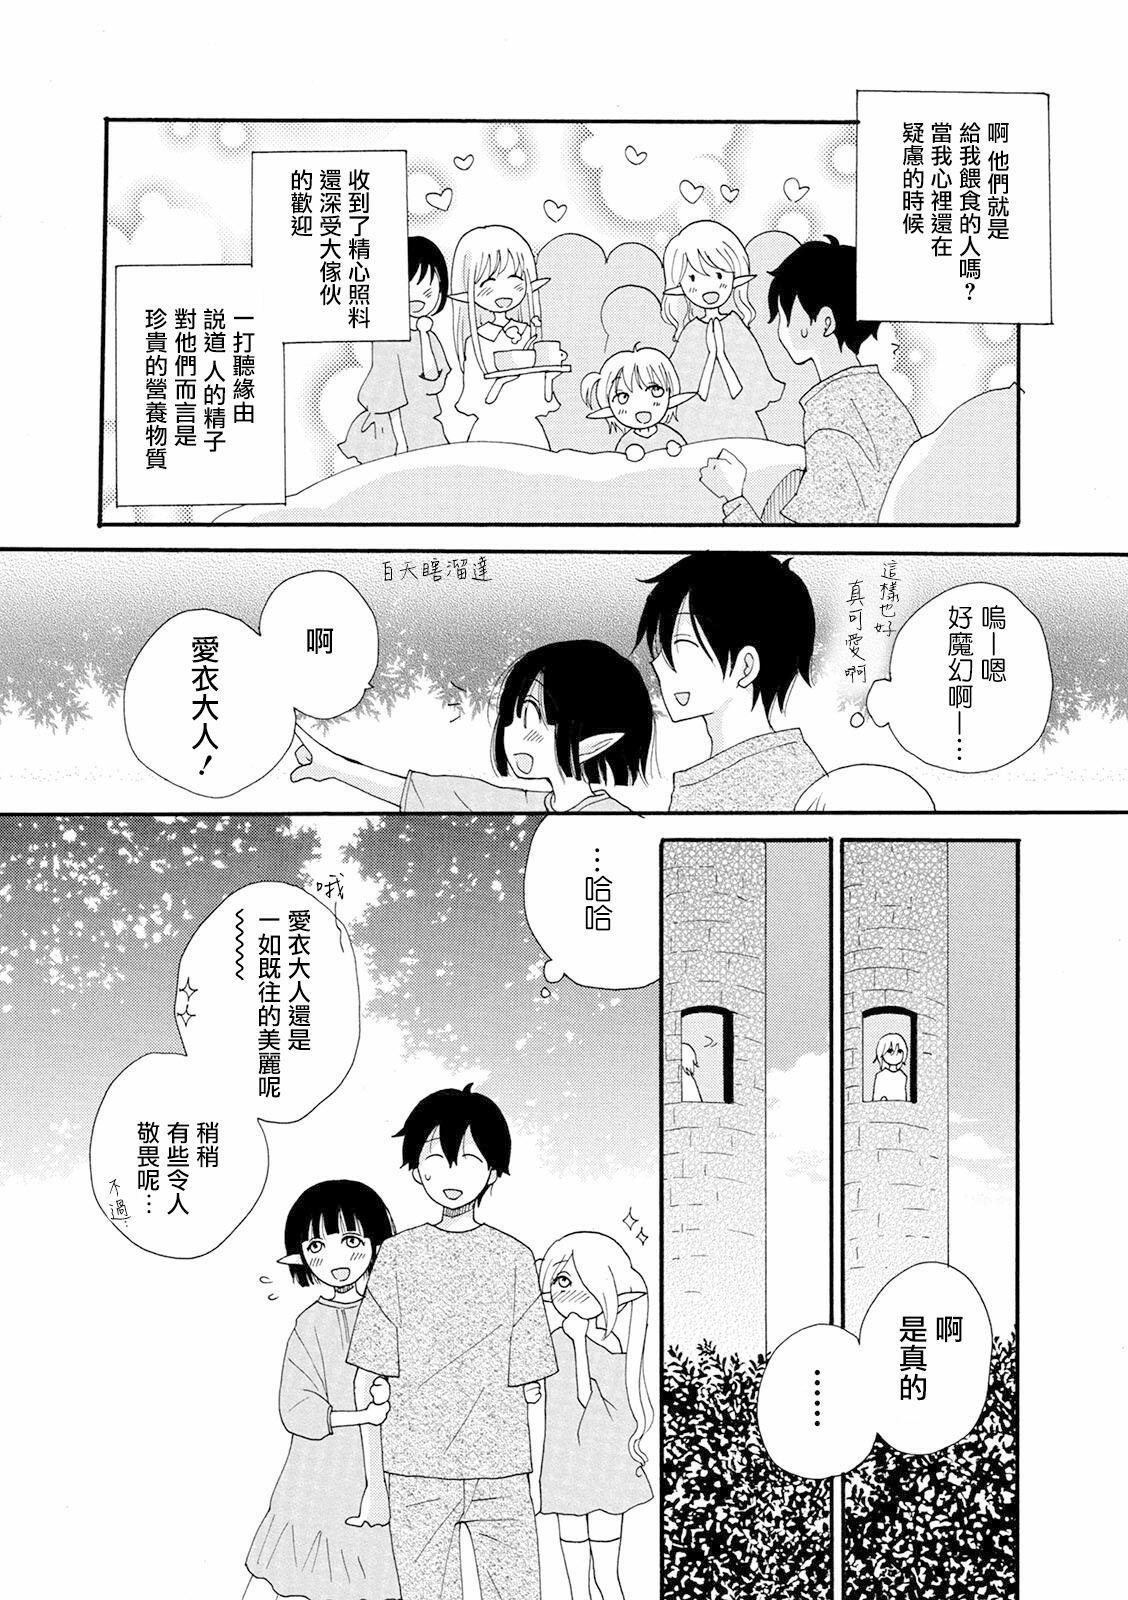 Shiawase no Tamago 7